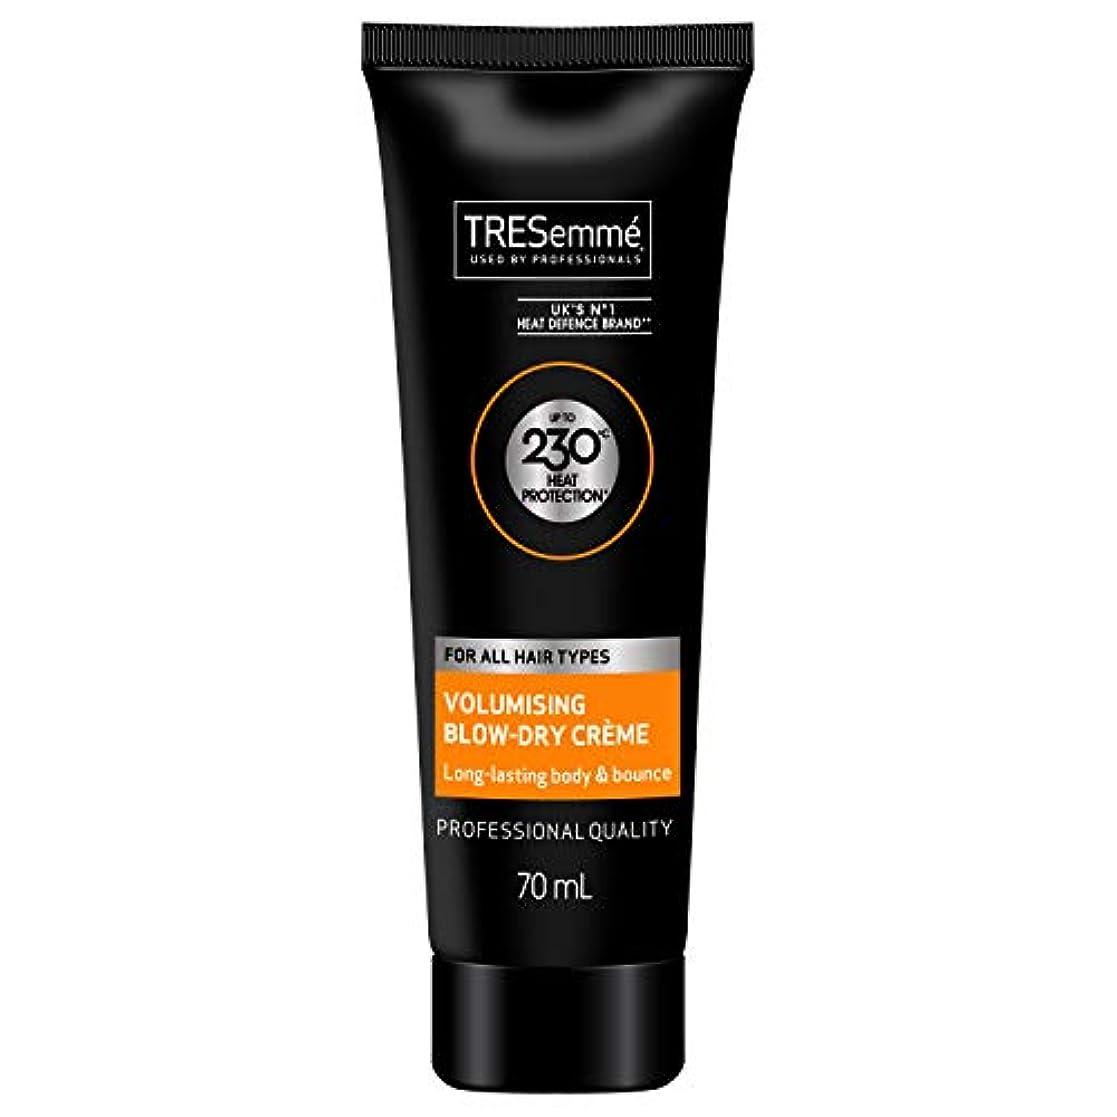 TRESemmeブロードライヘアローションVolumisingブロードライクリーム、70 ml、6個入り